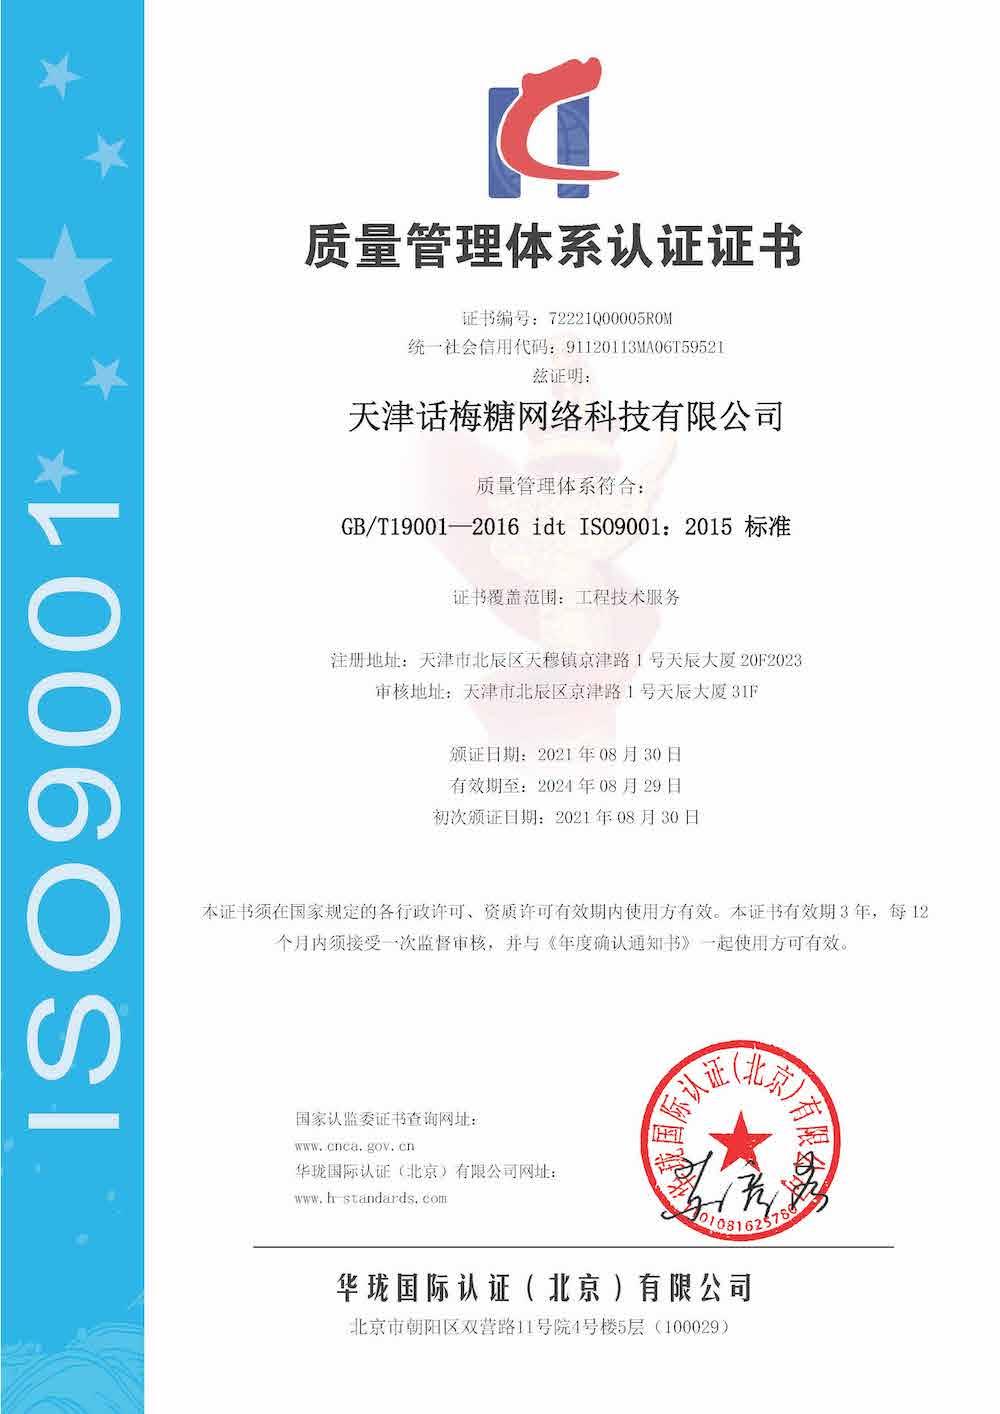 质量管理体系认证证书.jpeg